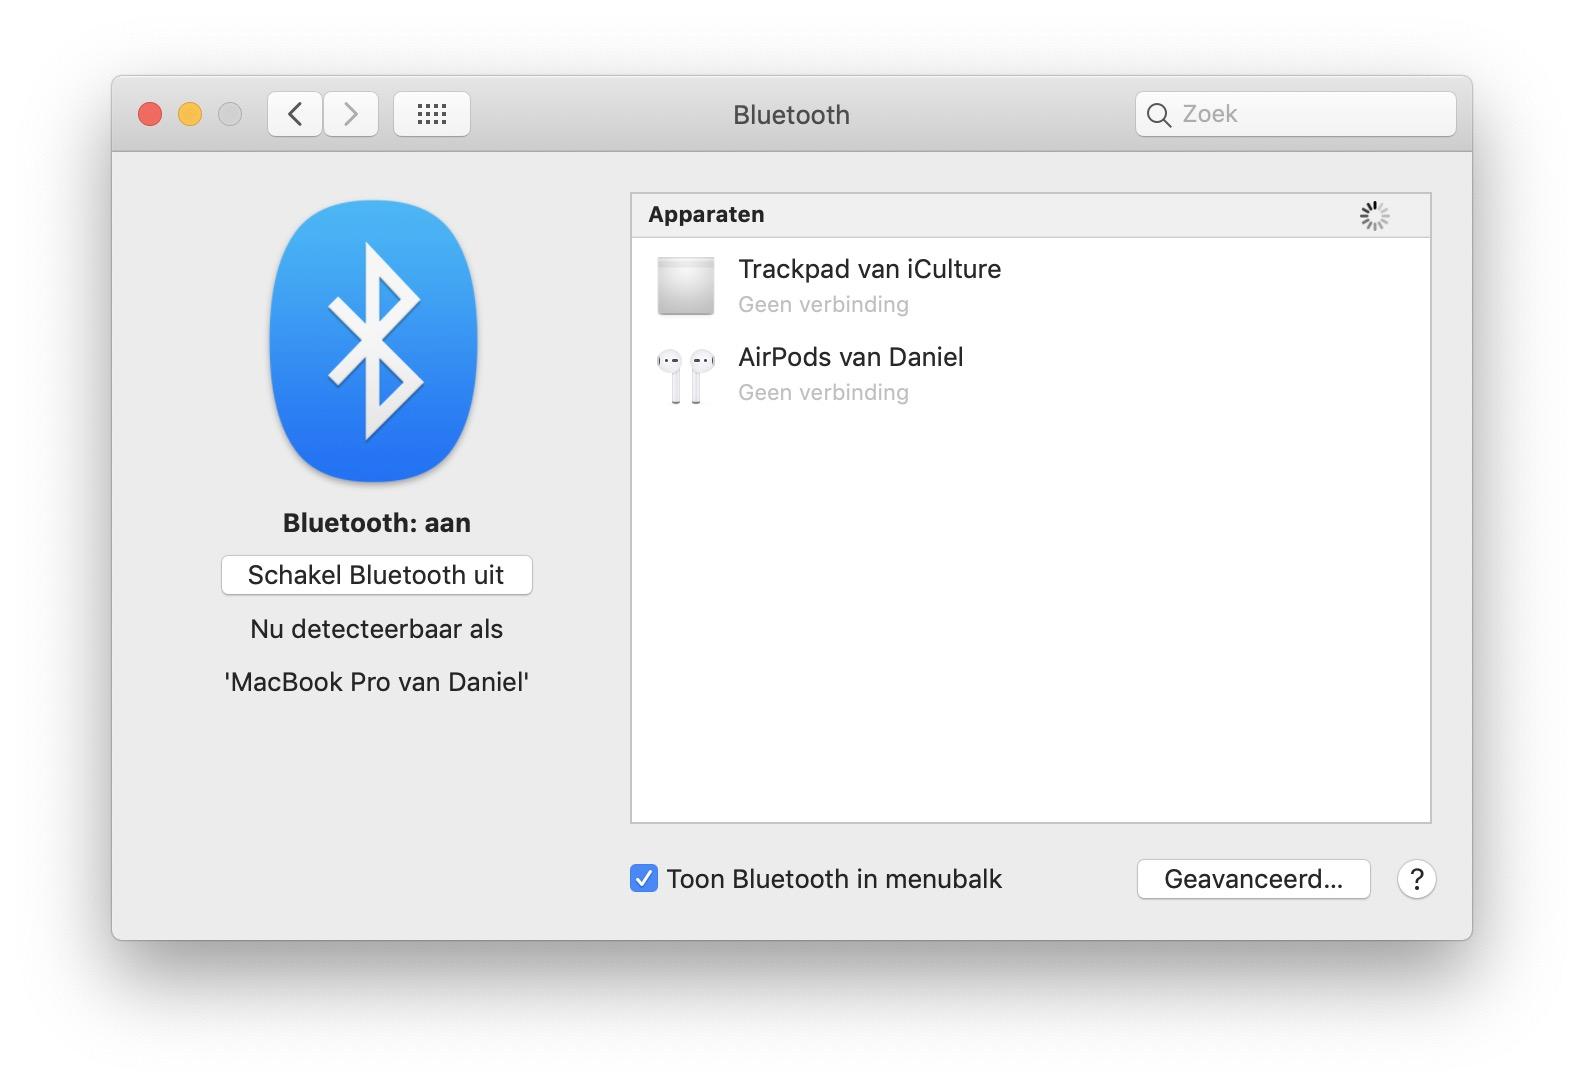 Bluetooth in menubalk aanzetten